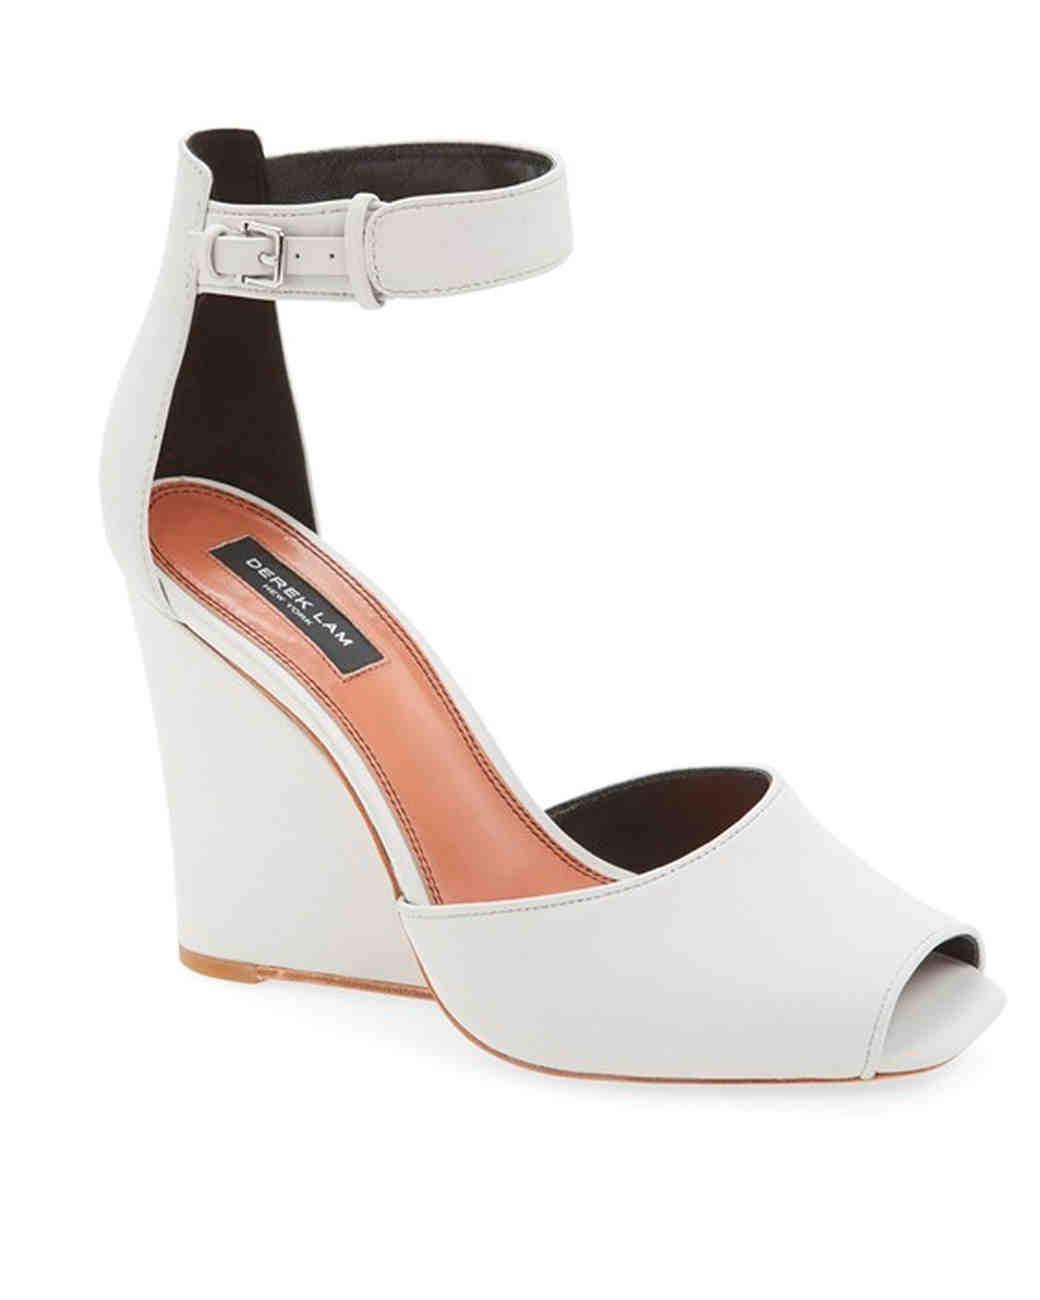 summer-wedding-shoes-derek-lam-nansen-sandals-0515.jpg